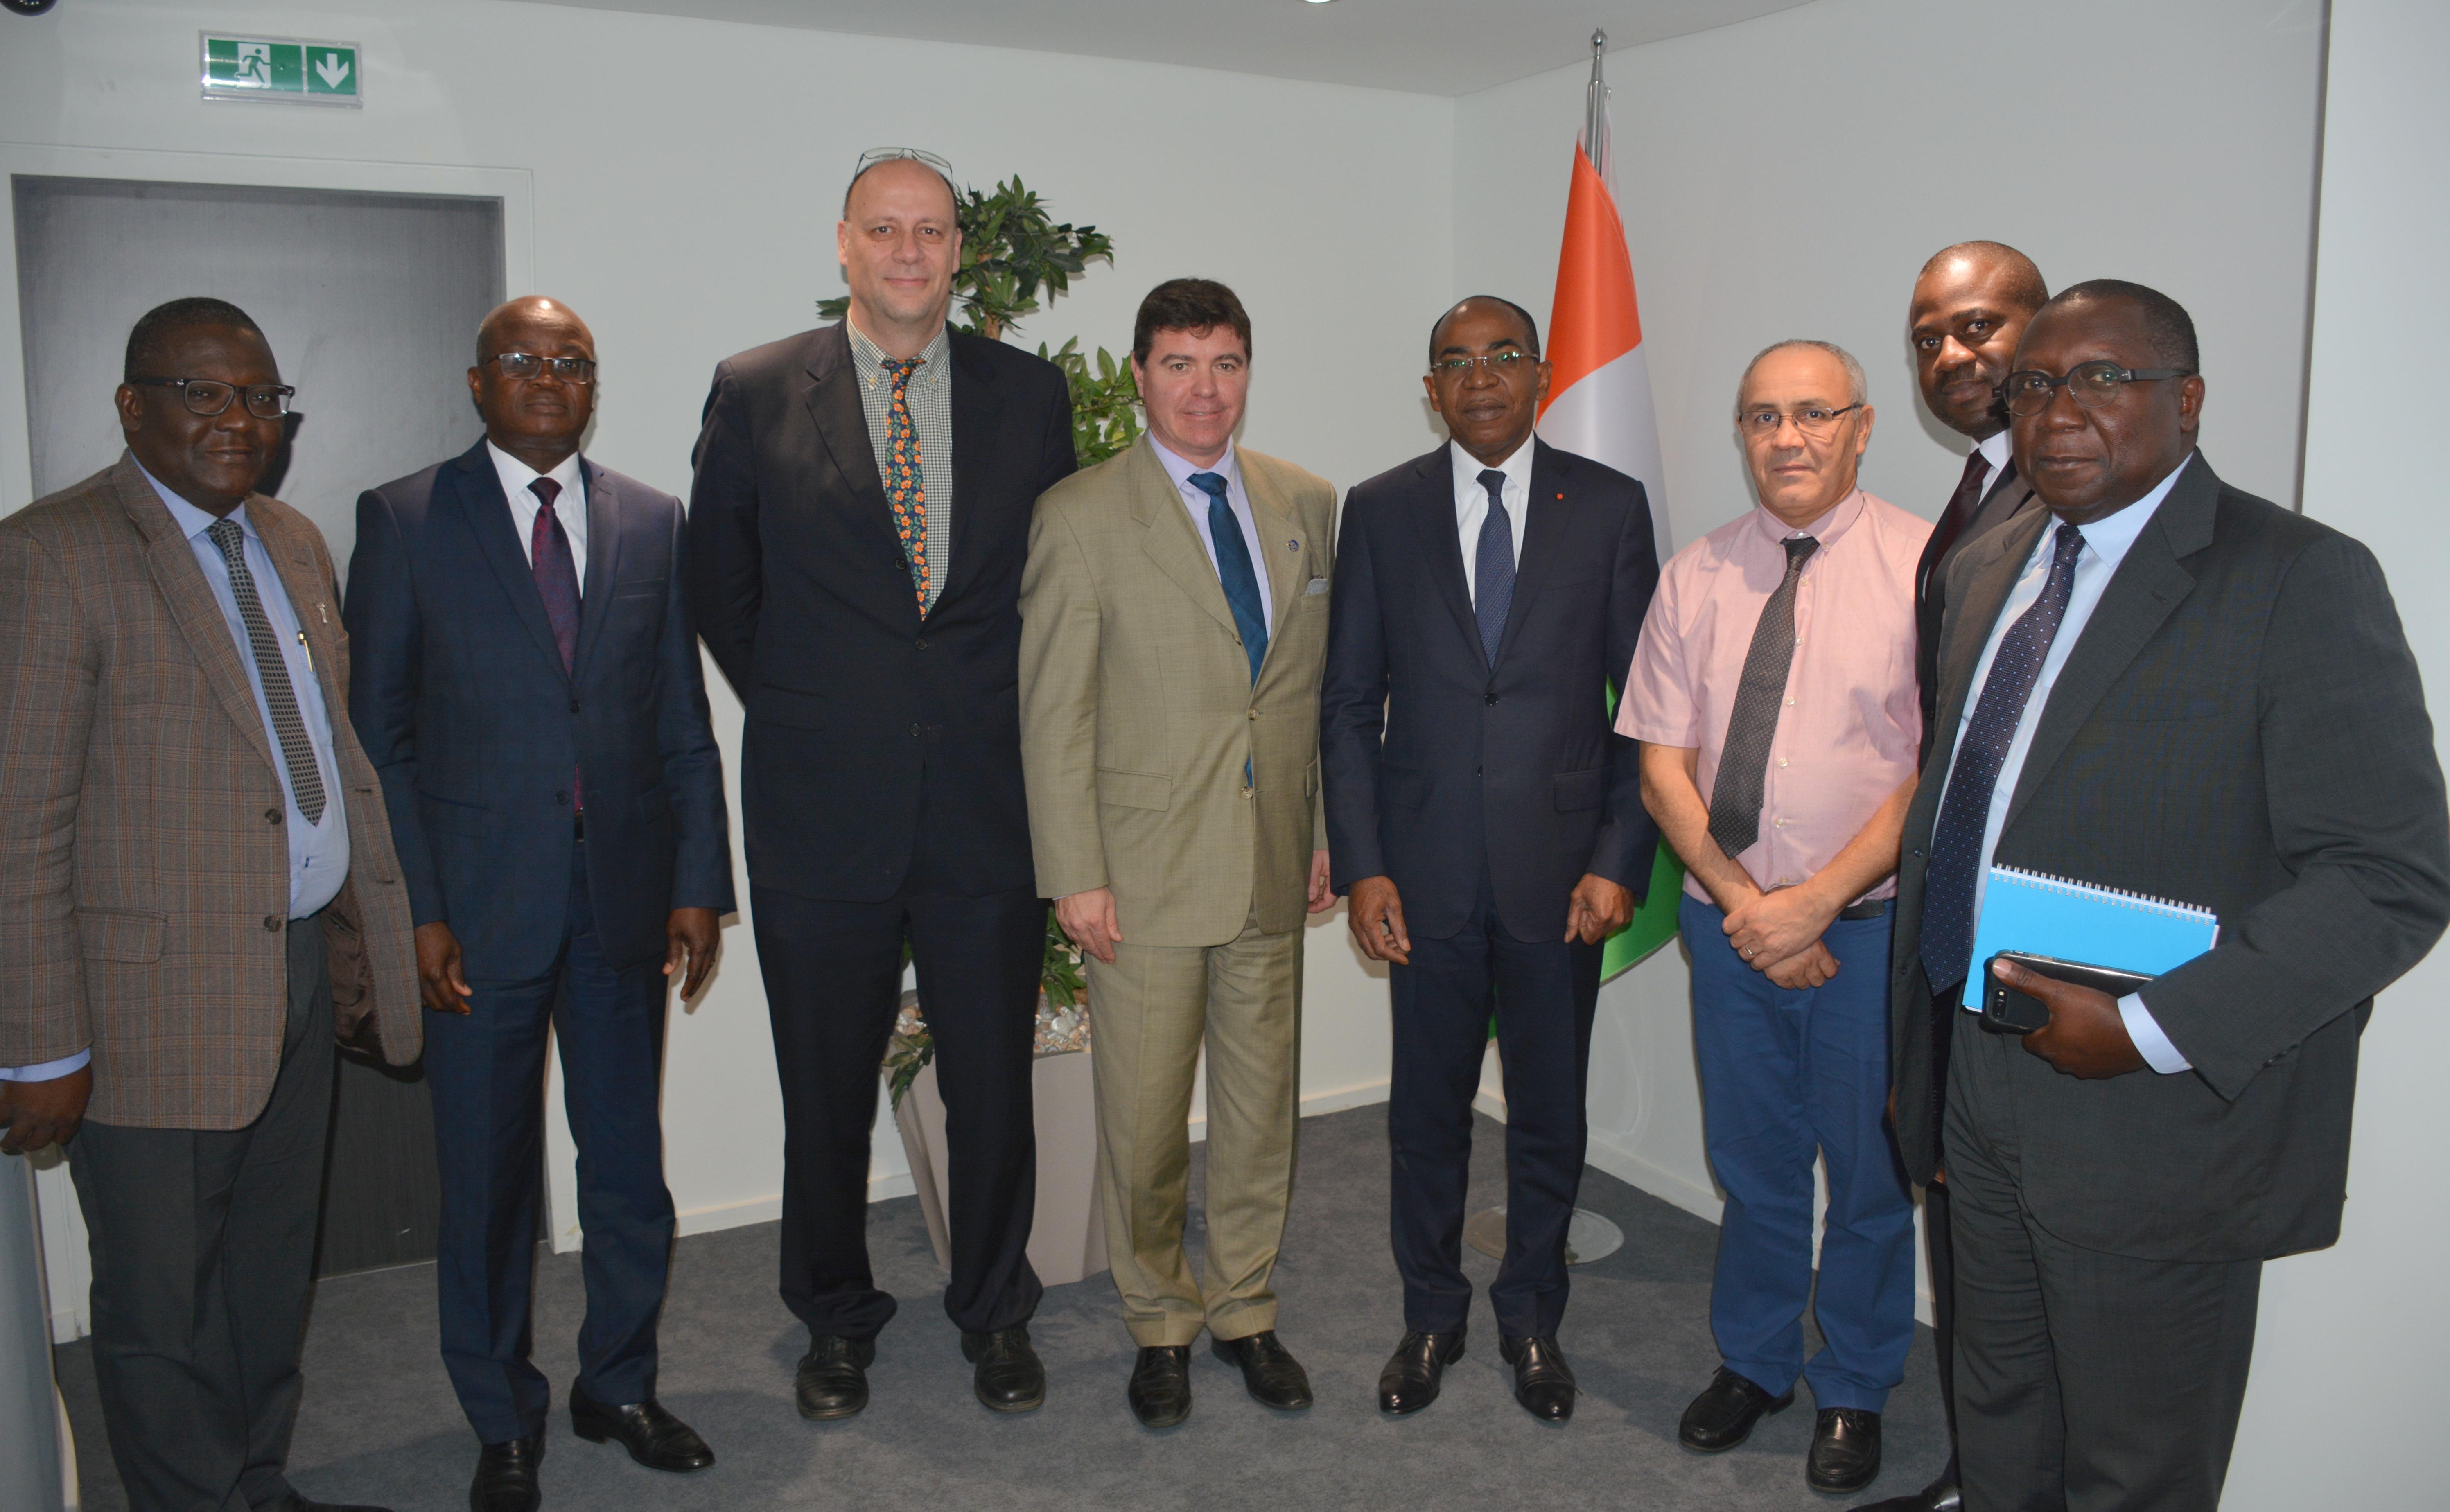 Congrès de l'Union Postale Universelle (UPU):Le Vice-Directeur Général Pascal Clivaz chez le , le Ministre Claude Isaac De